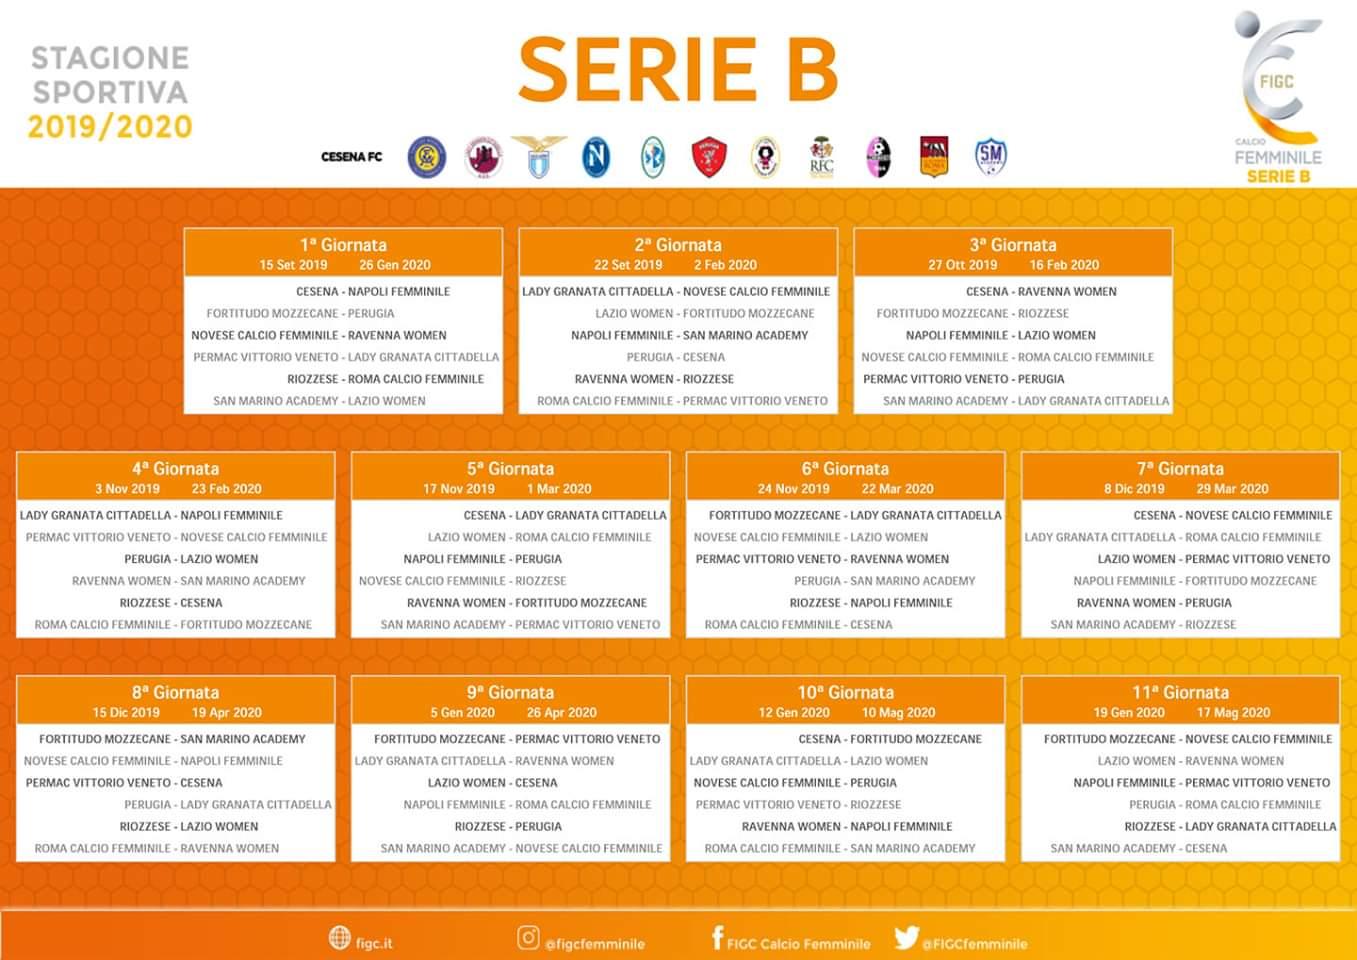 Serie B Femminile Il Calendario C E Il Perugia Ripescato Calcio In Rosa